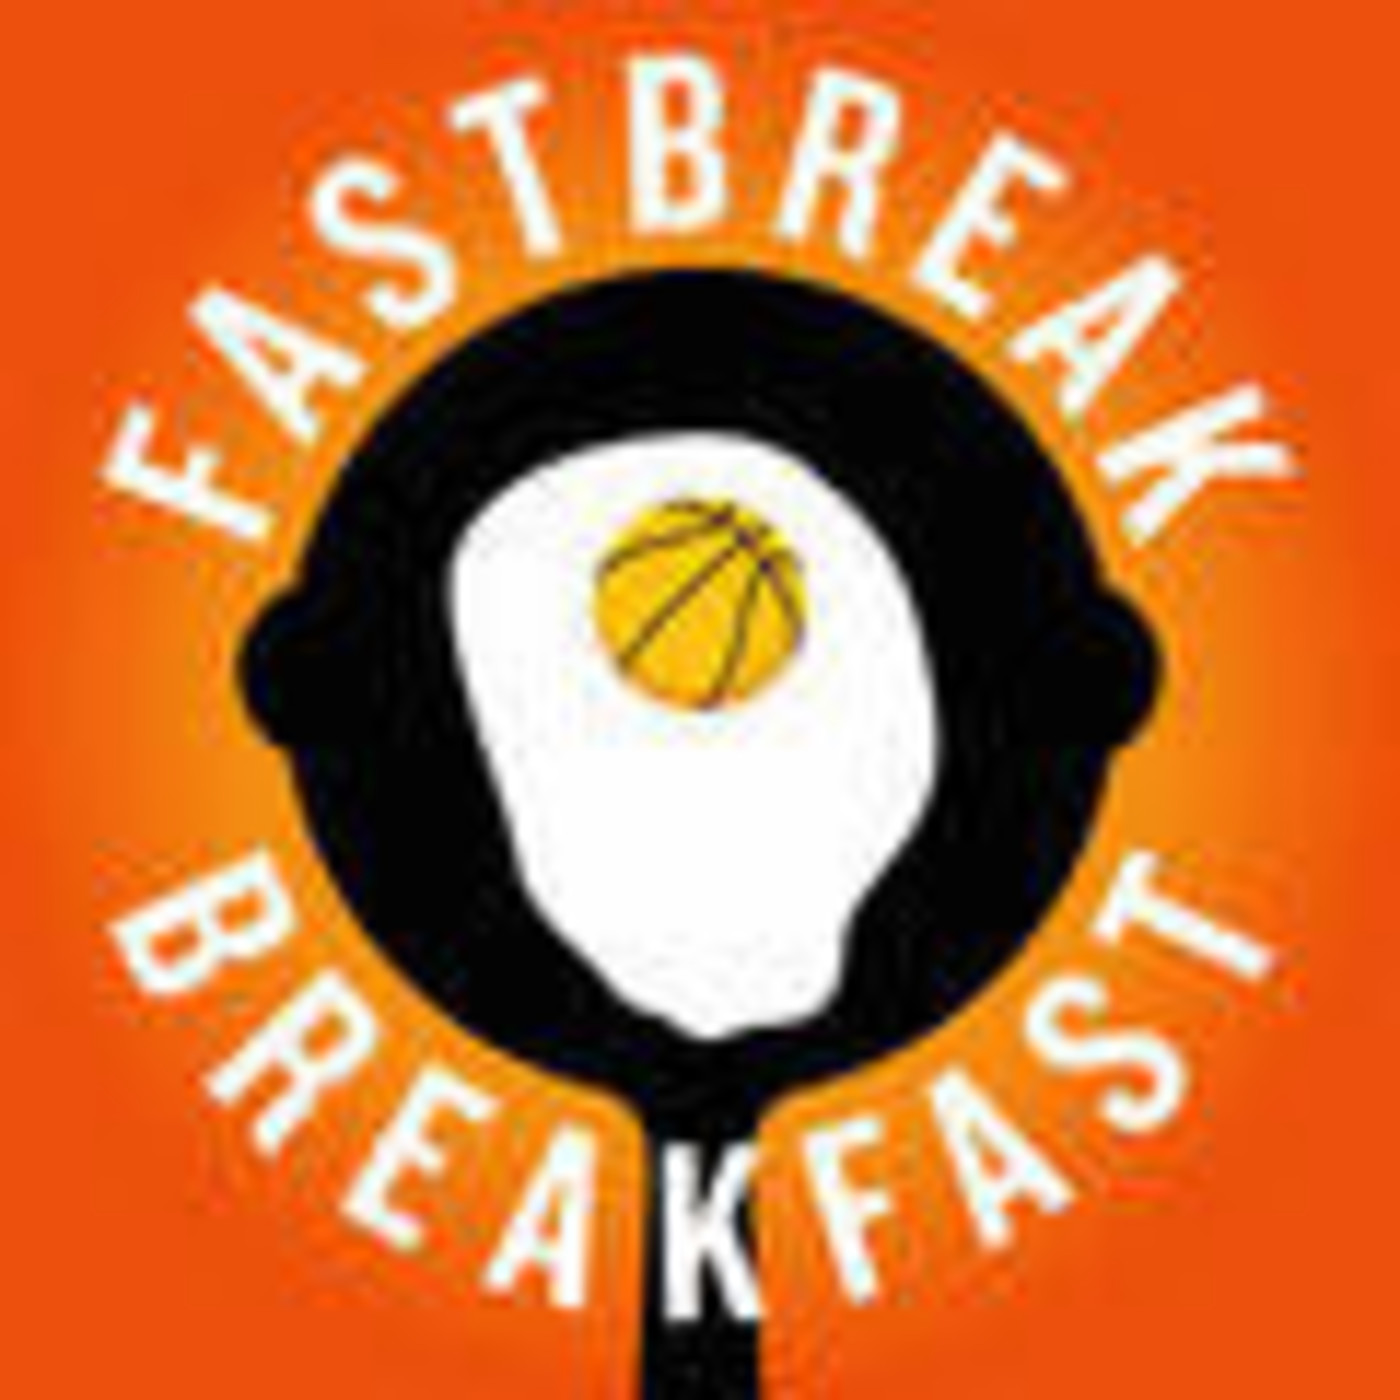 Fastbreak Breakfast